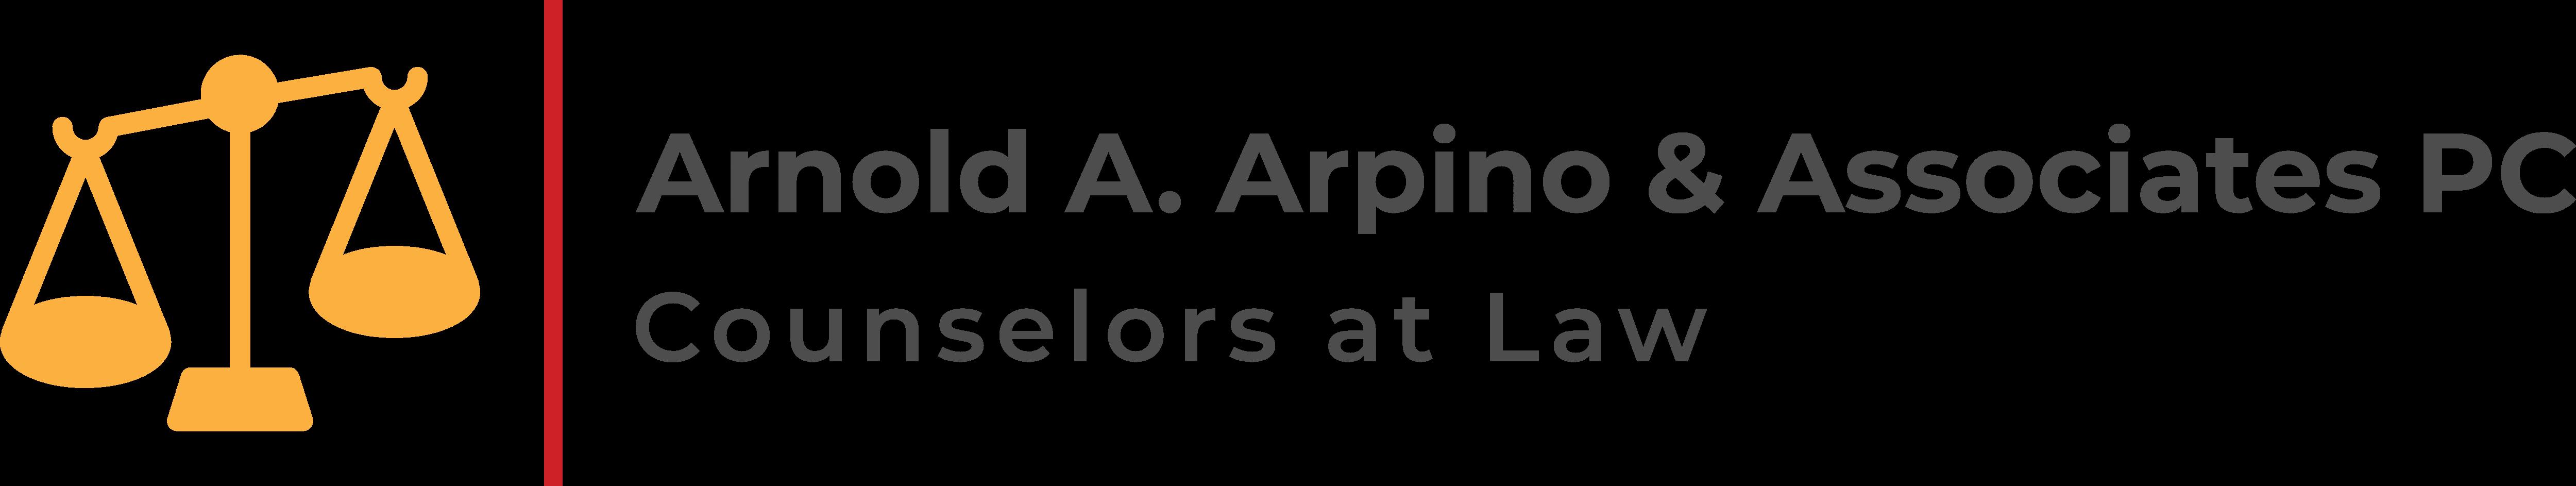 Arnold A. Arpino & Associates, P.C.